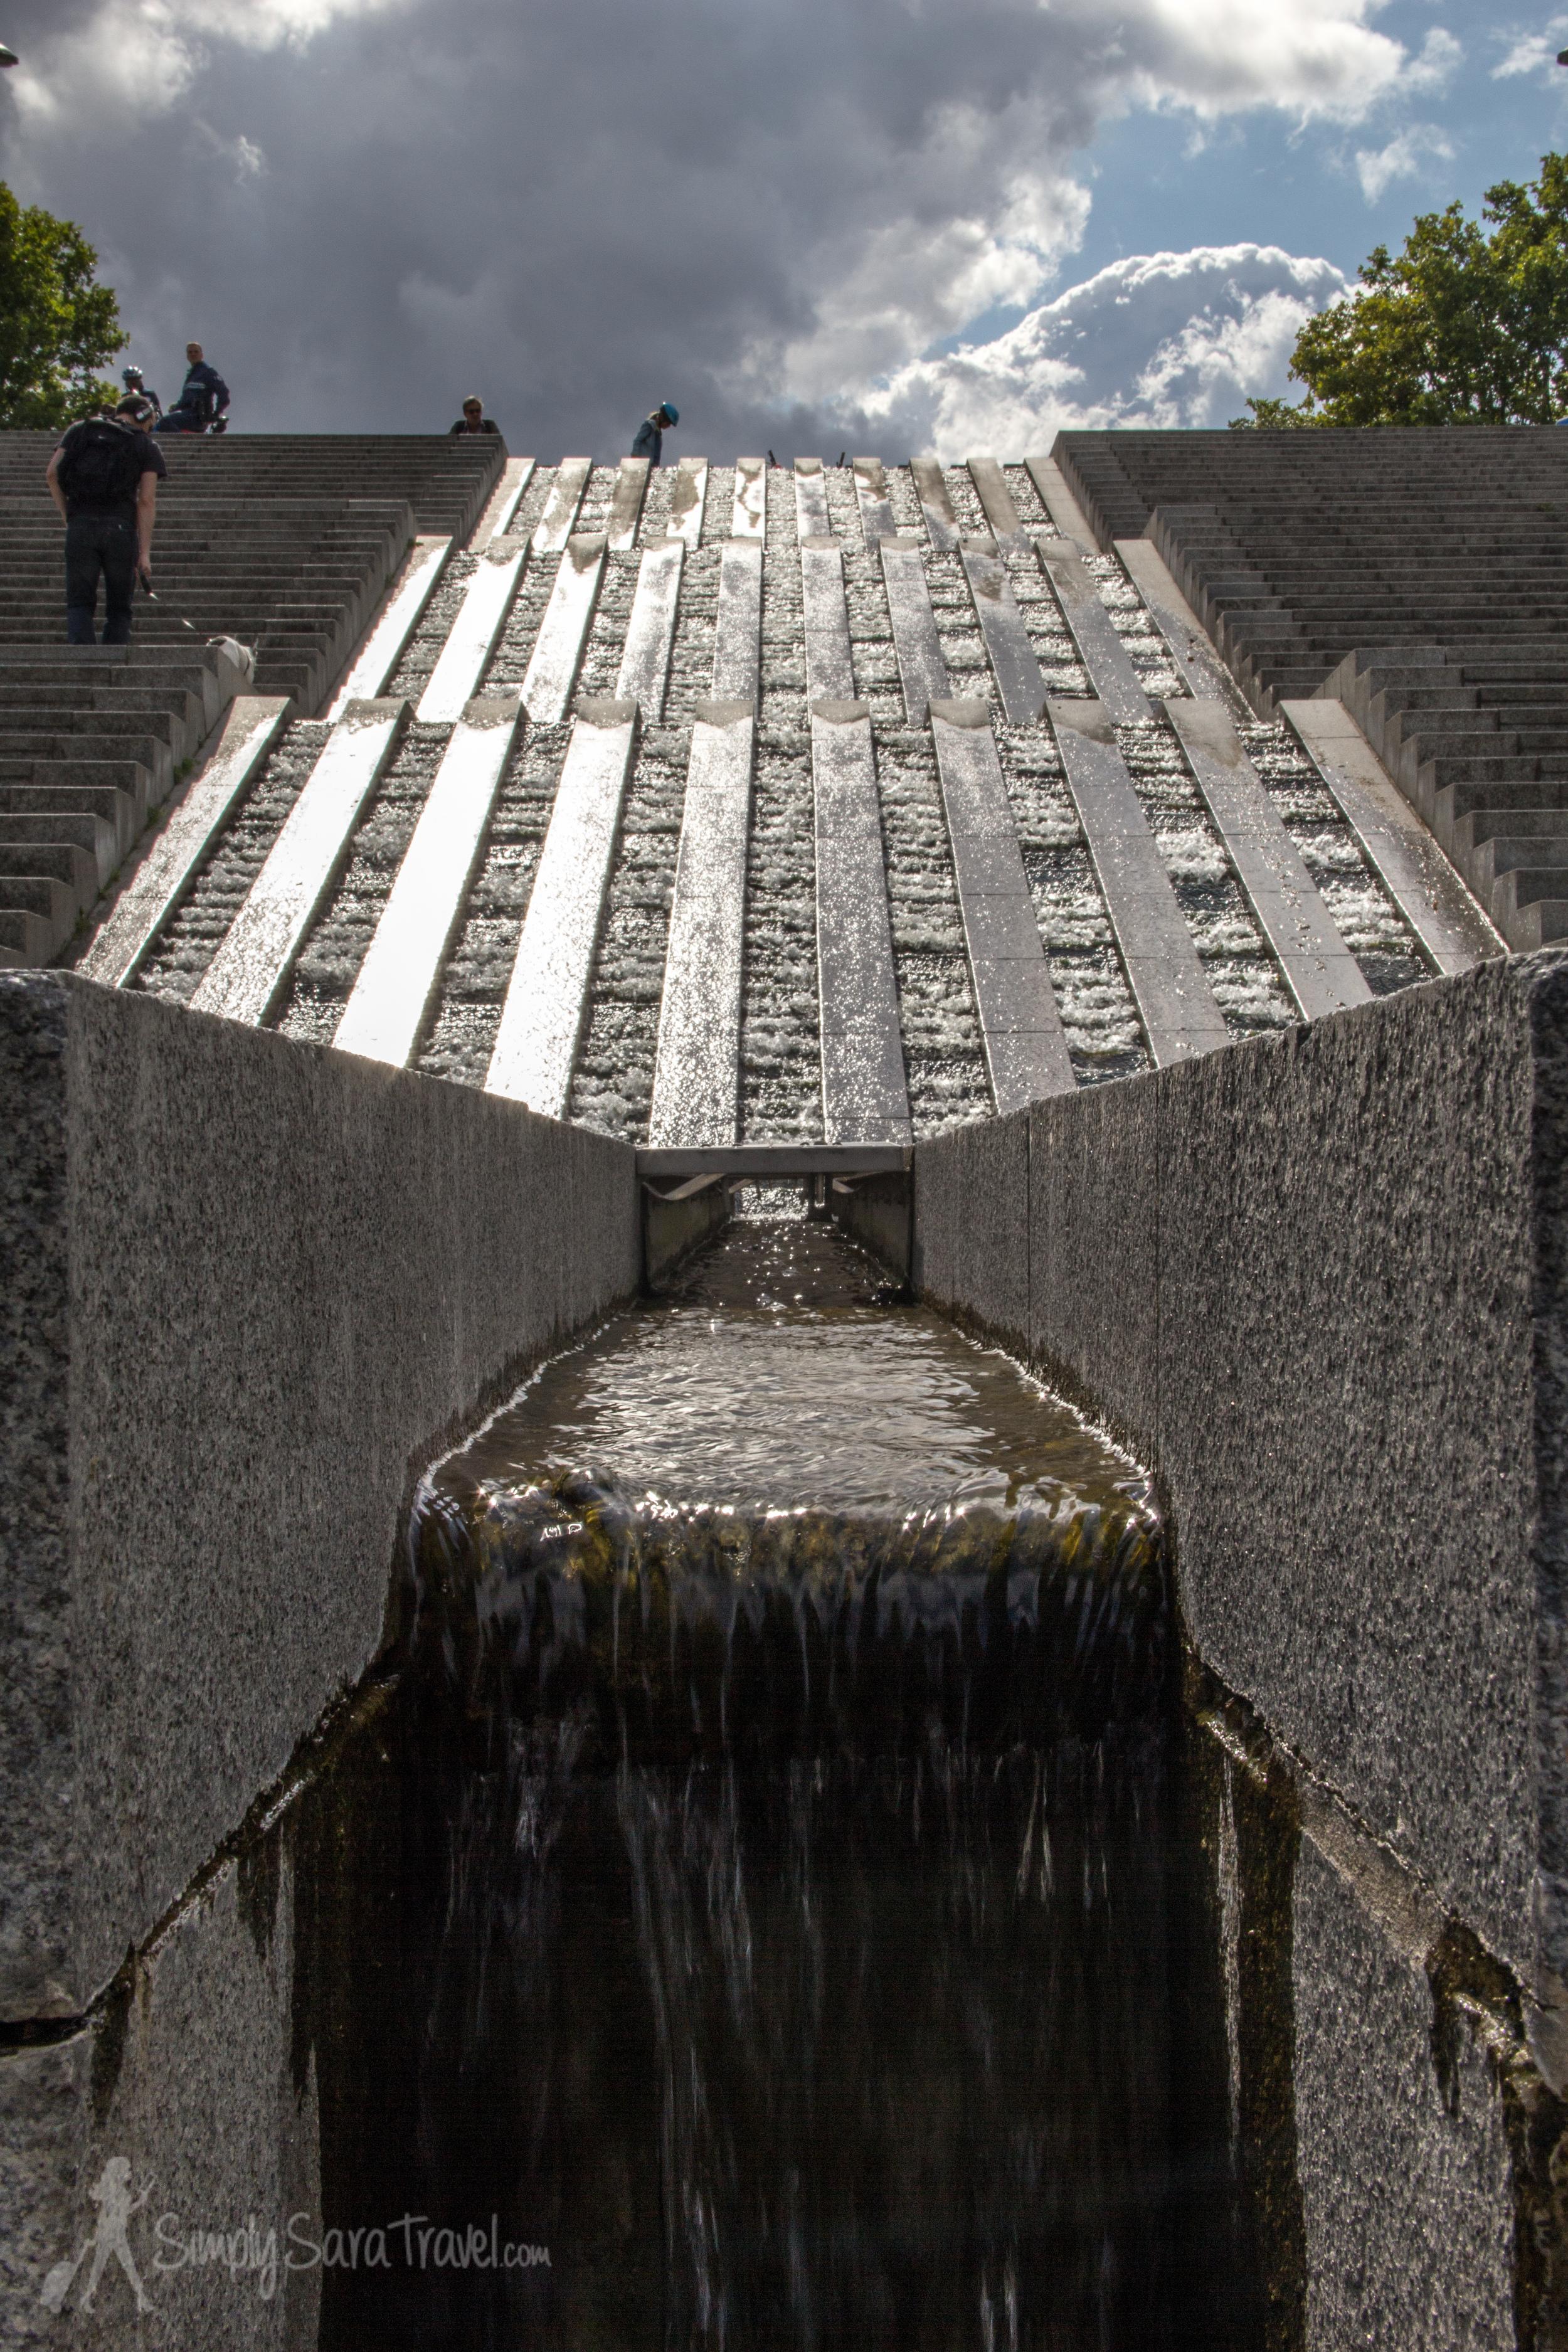 Cascading fountain in Parc de Bercy, Paris